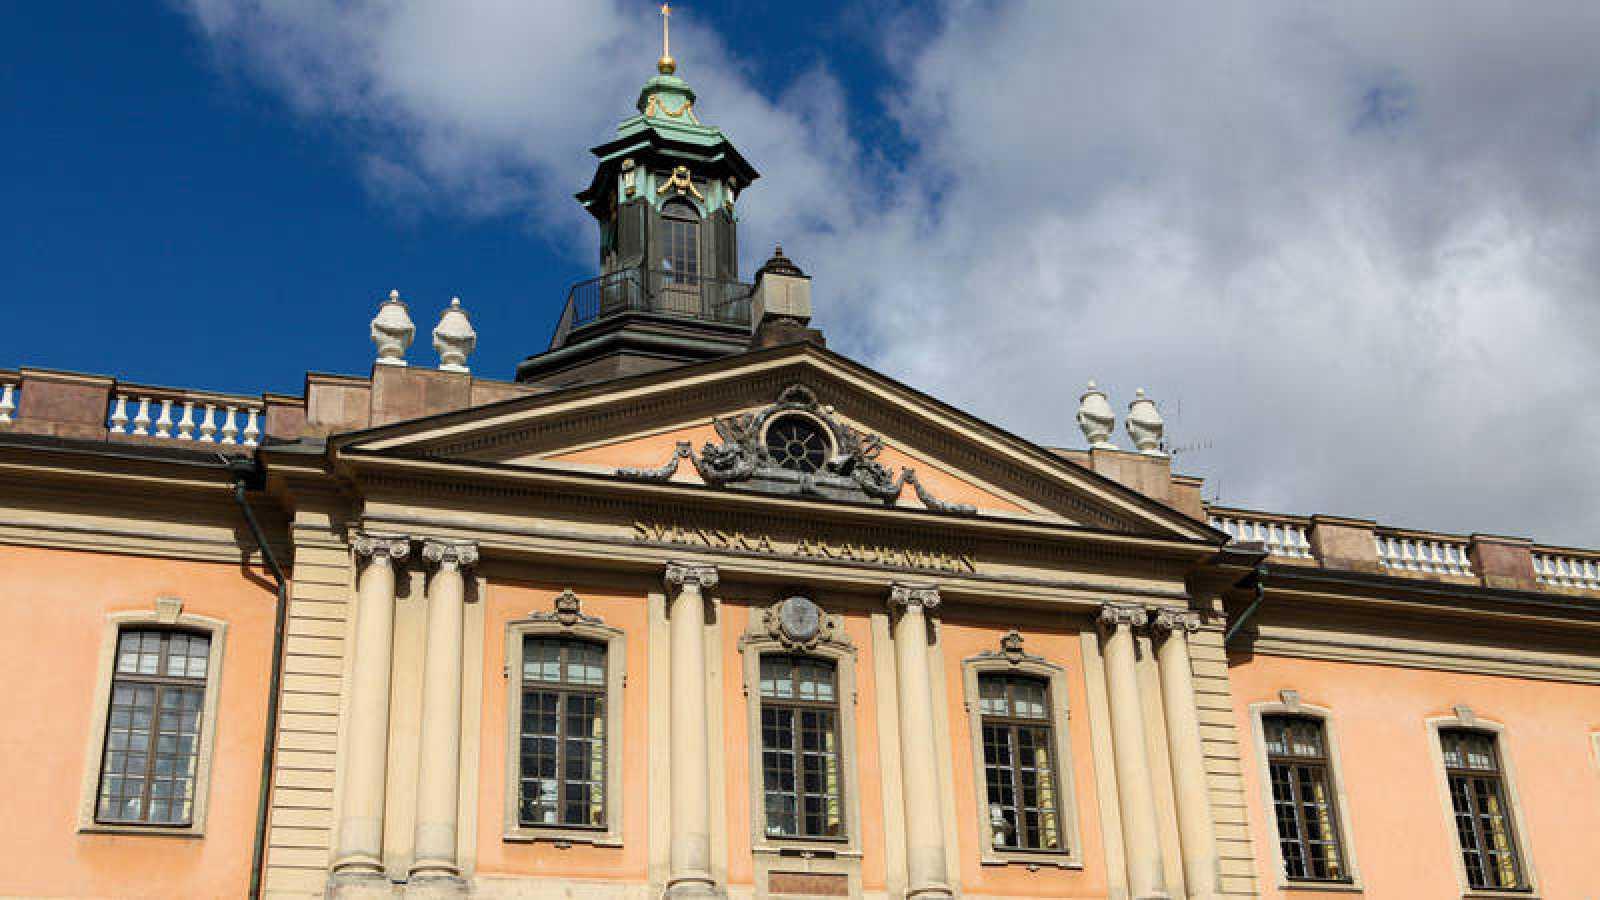 Fachada de la Academia Sueca en Estocolmo